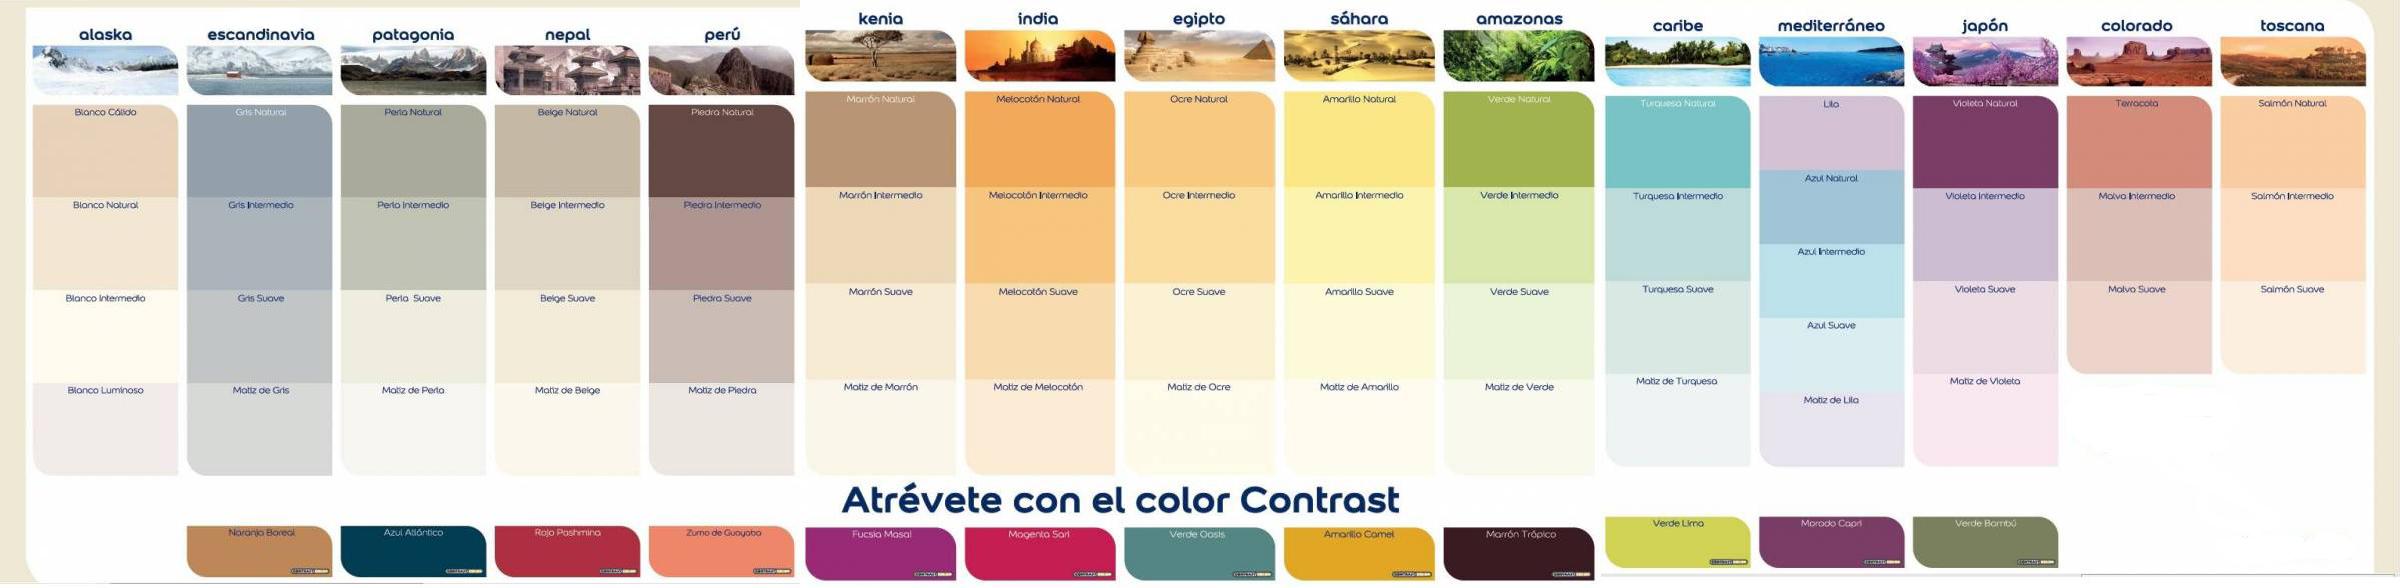 Colores de pintura colores de pintura para banos carta for Pintura color azul piedra